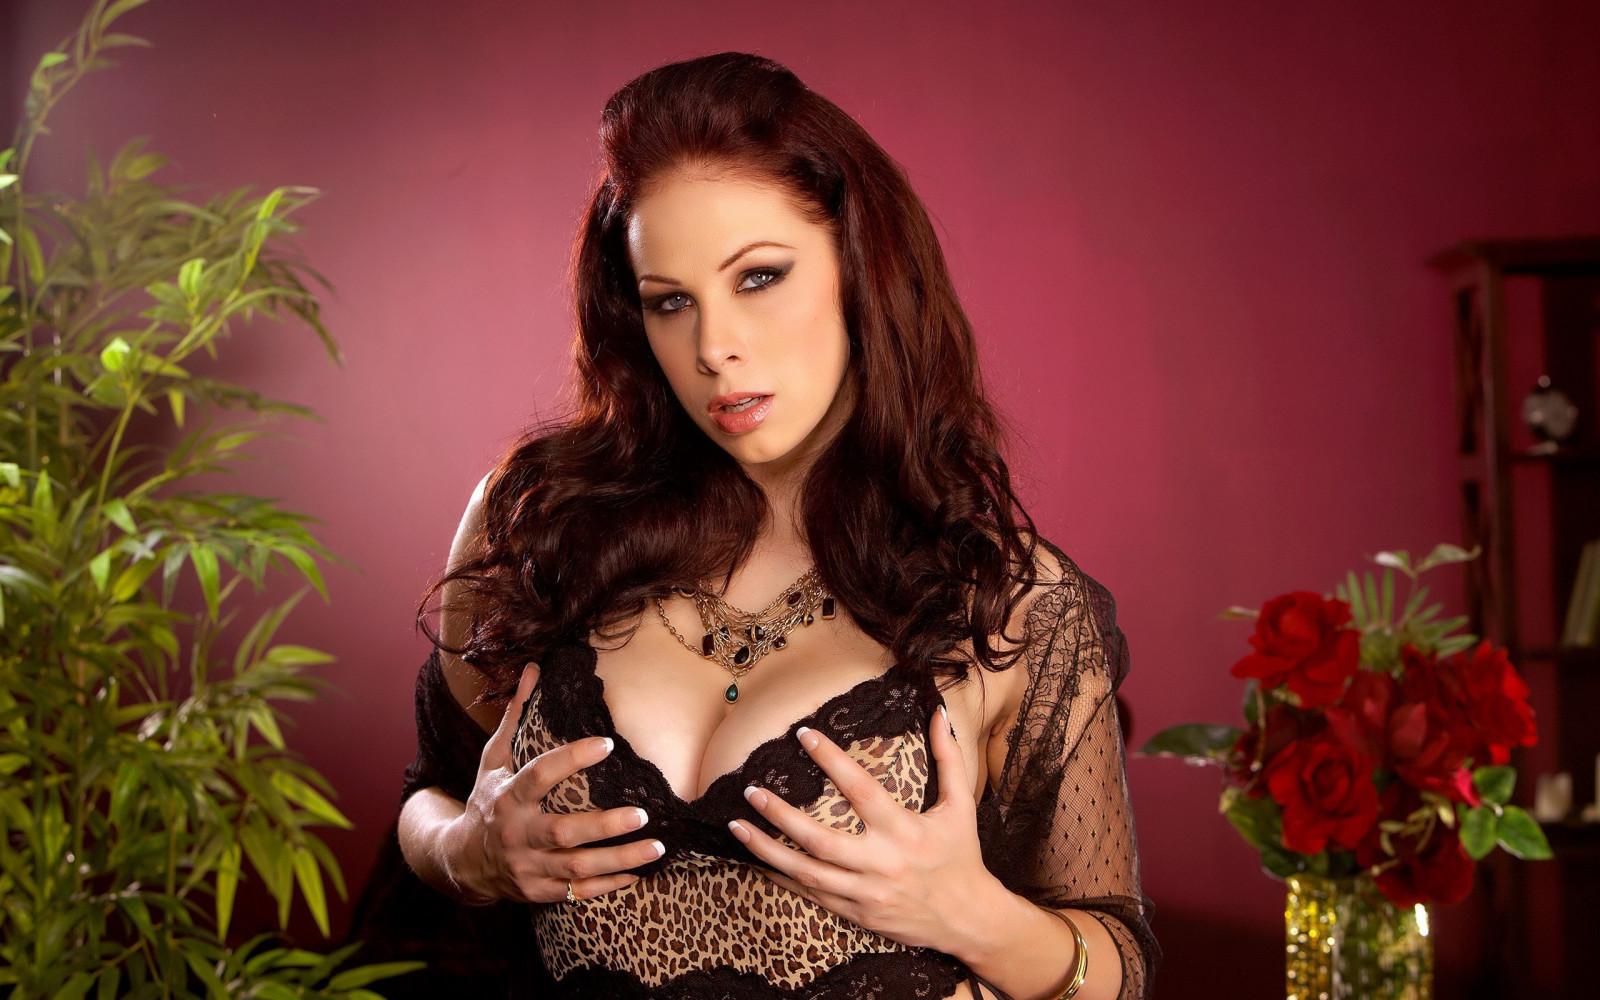 Твиттер gianna michaels, Gianna Michaels порно - HD видео для взрослых 17 фотография